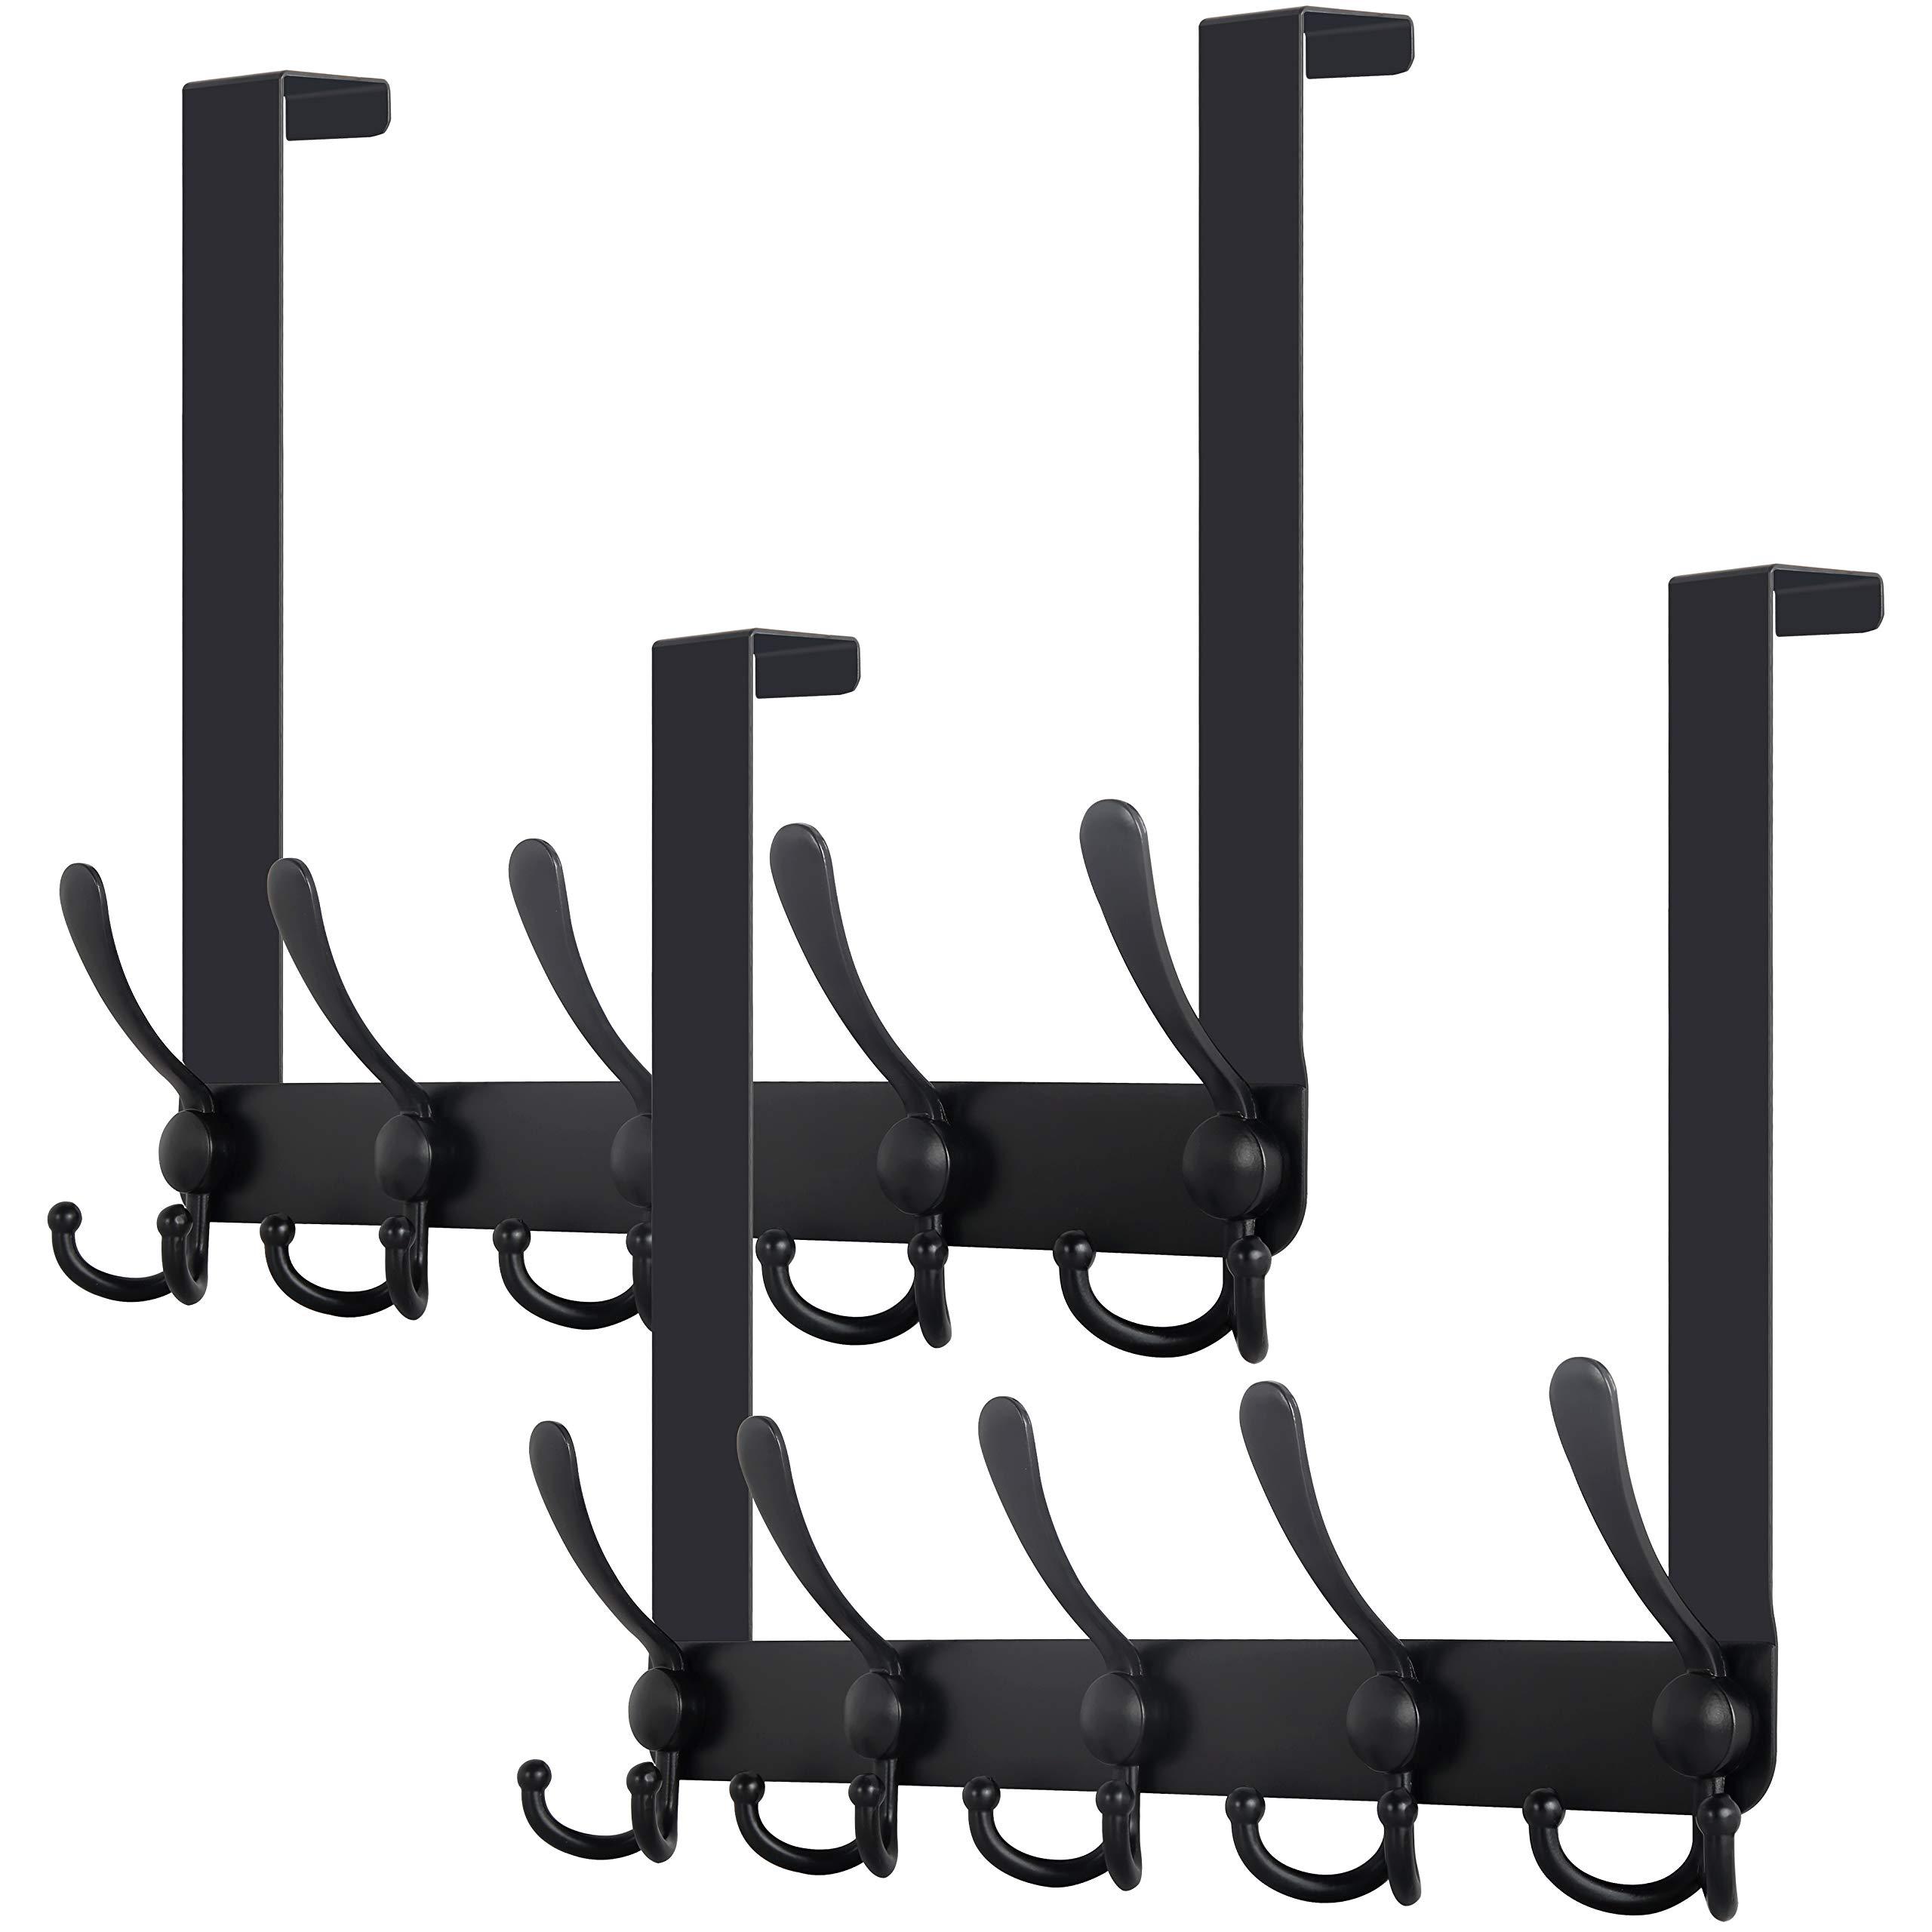 WEBI Over The Door Towel Rack,Over The Door Hook with 5 Triple Hooks for Hanging,Door Hanger Over Door Coat Rack Towel Hanger for Towels,Clothes,Bathroom,Black,2 Packs